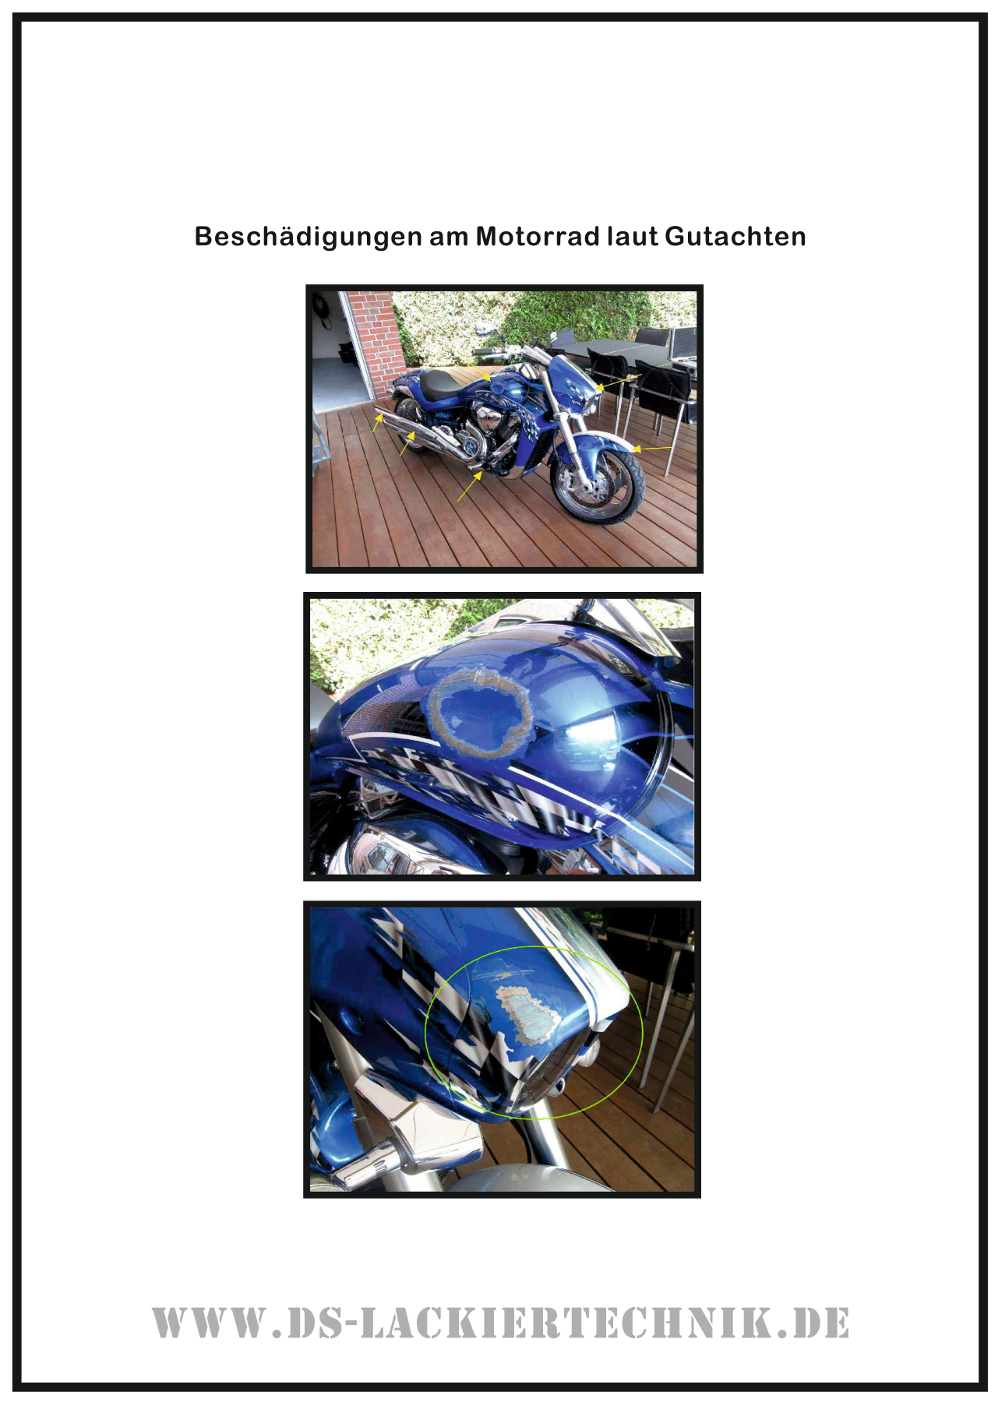 Motorrad Airbrush! Unfallschaden, Airbrush komplett erneuert 1 Motorrad Airbrush